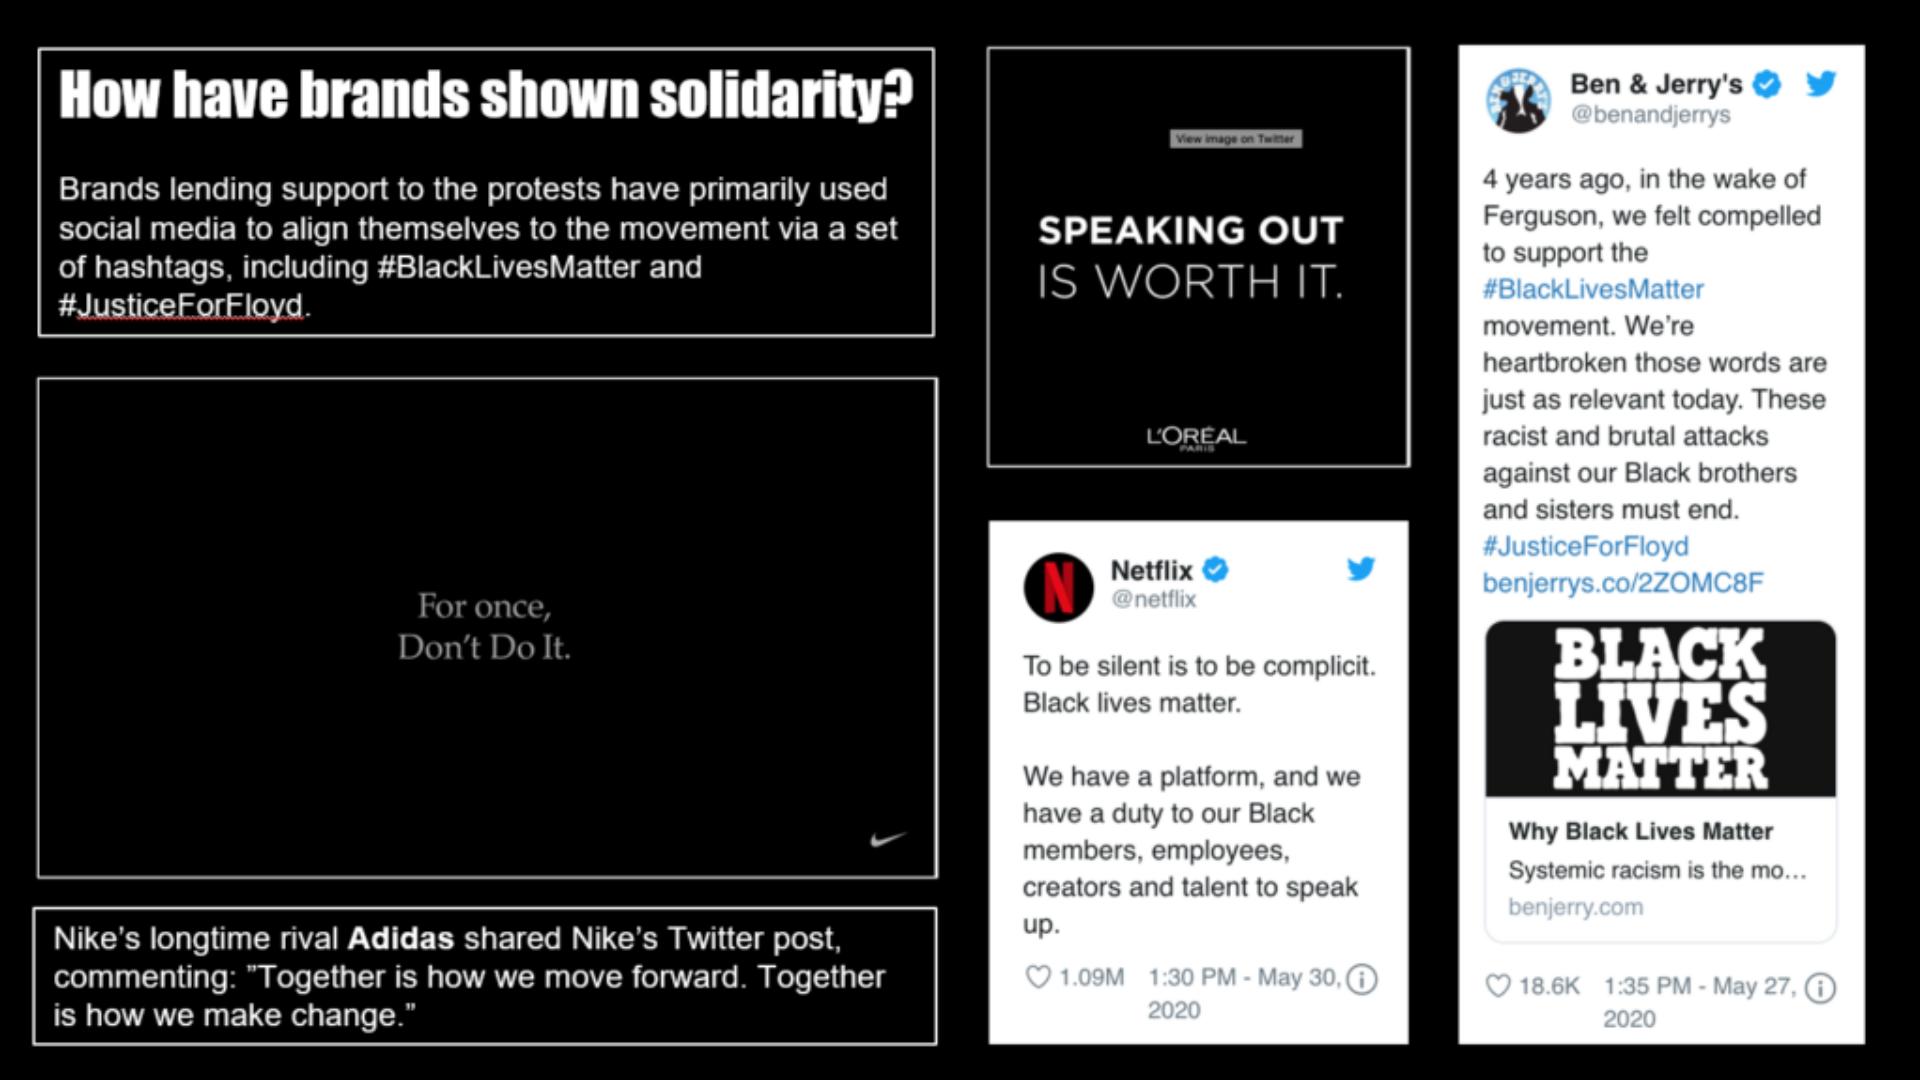 Brand Solidarity